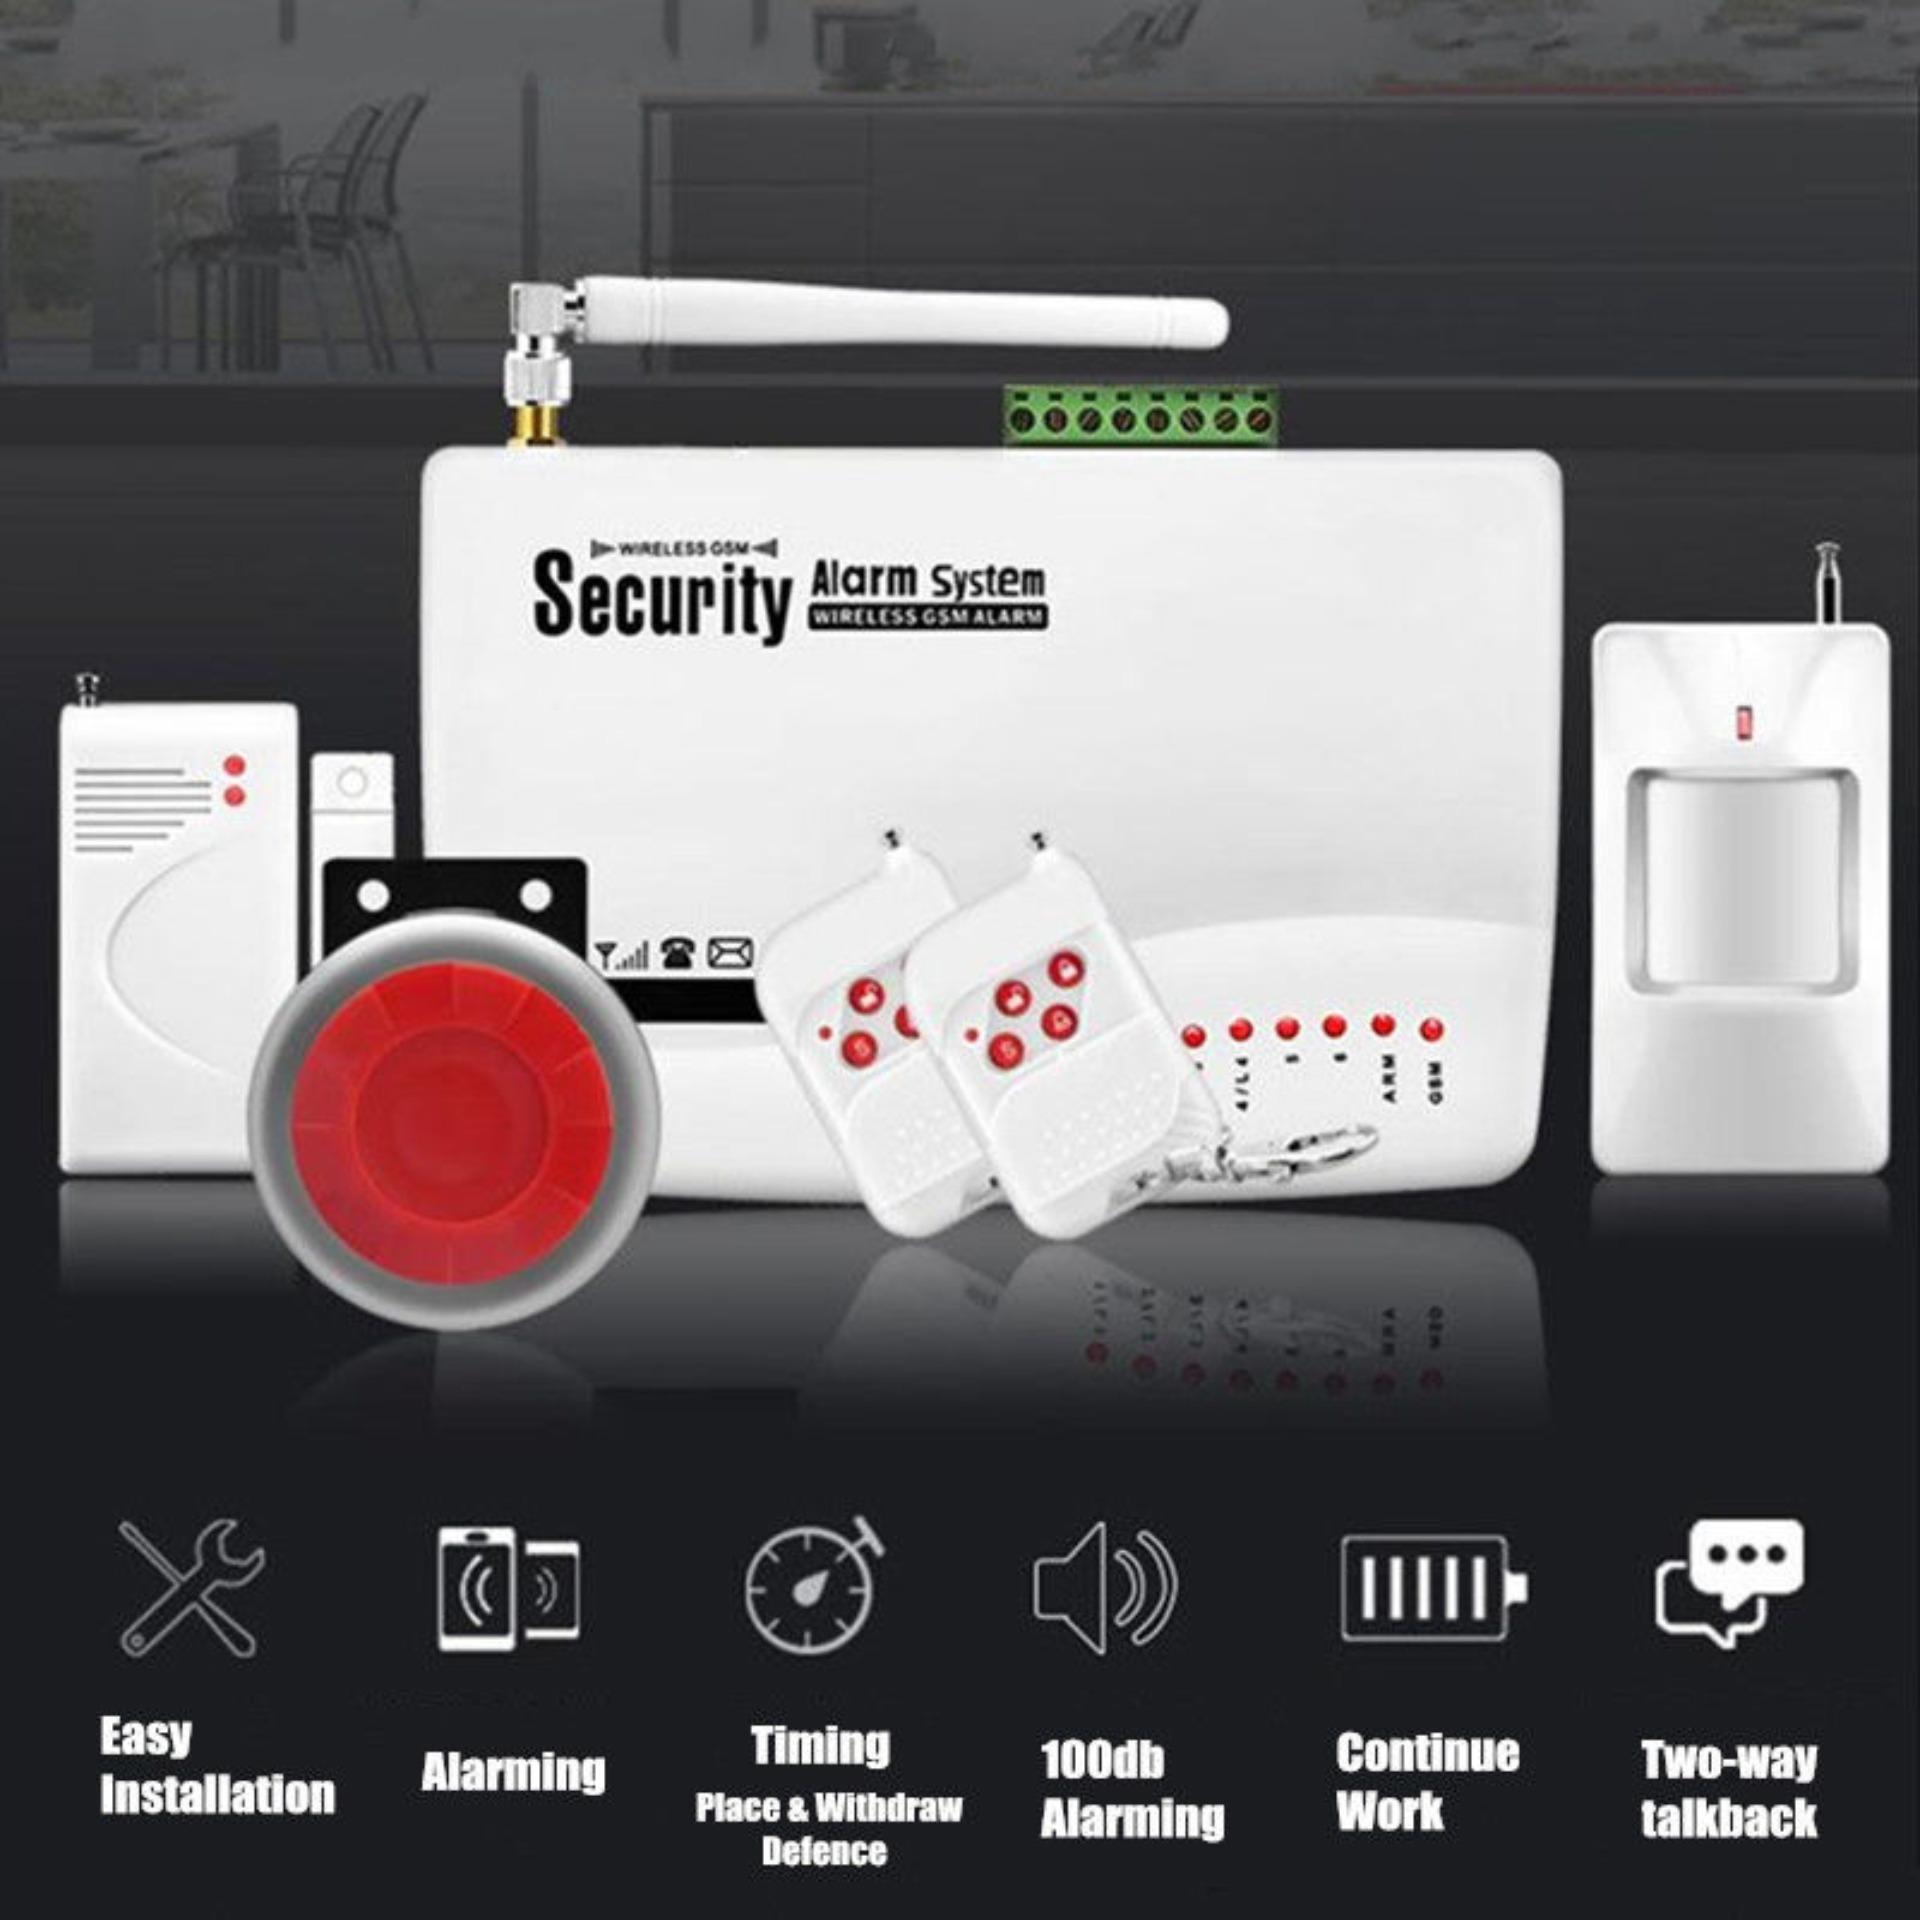 Bộ Thiết Bị Báo Động Chống Trộm Dùng SIM GUARDSMAN GS-3500 Hỗ Trợ 2 Băng Tần Kết Nối Rộng